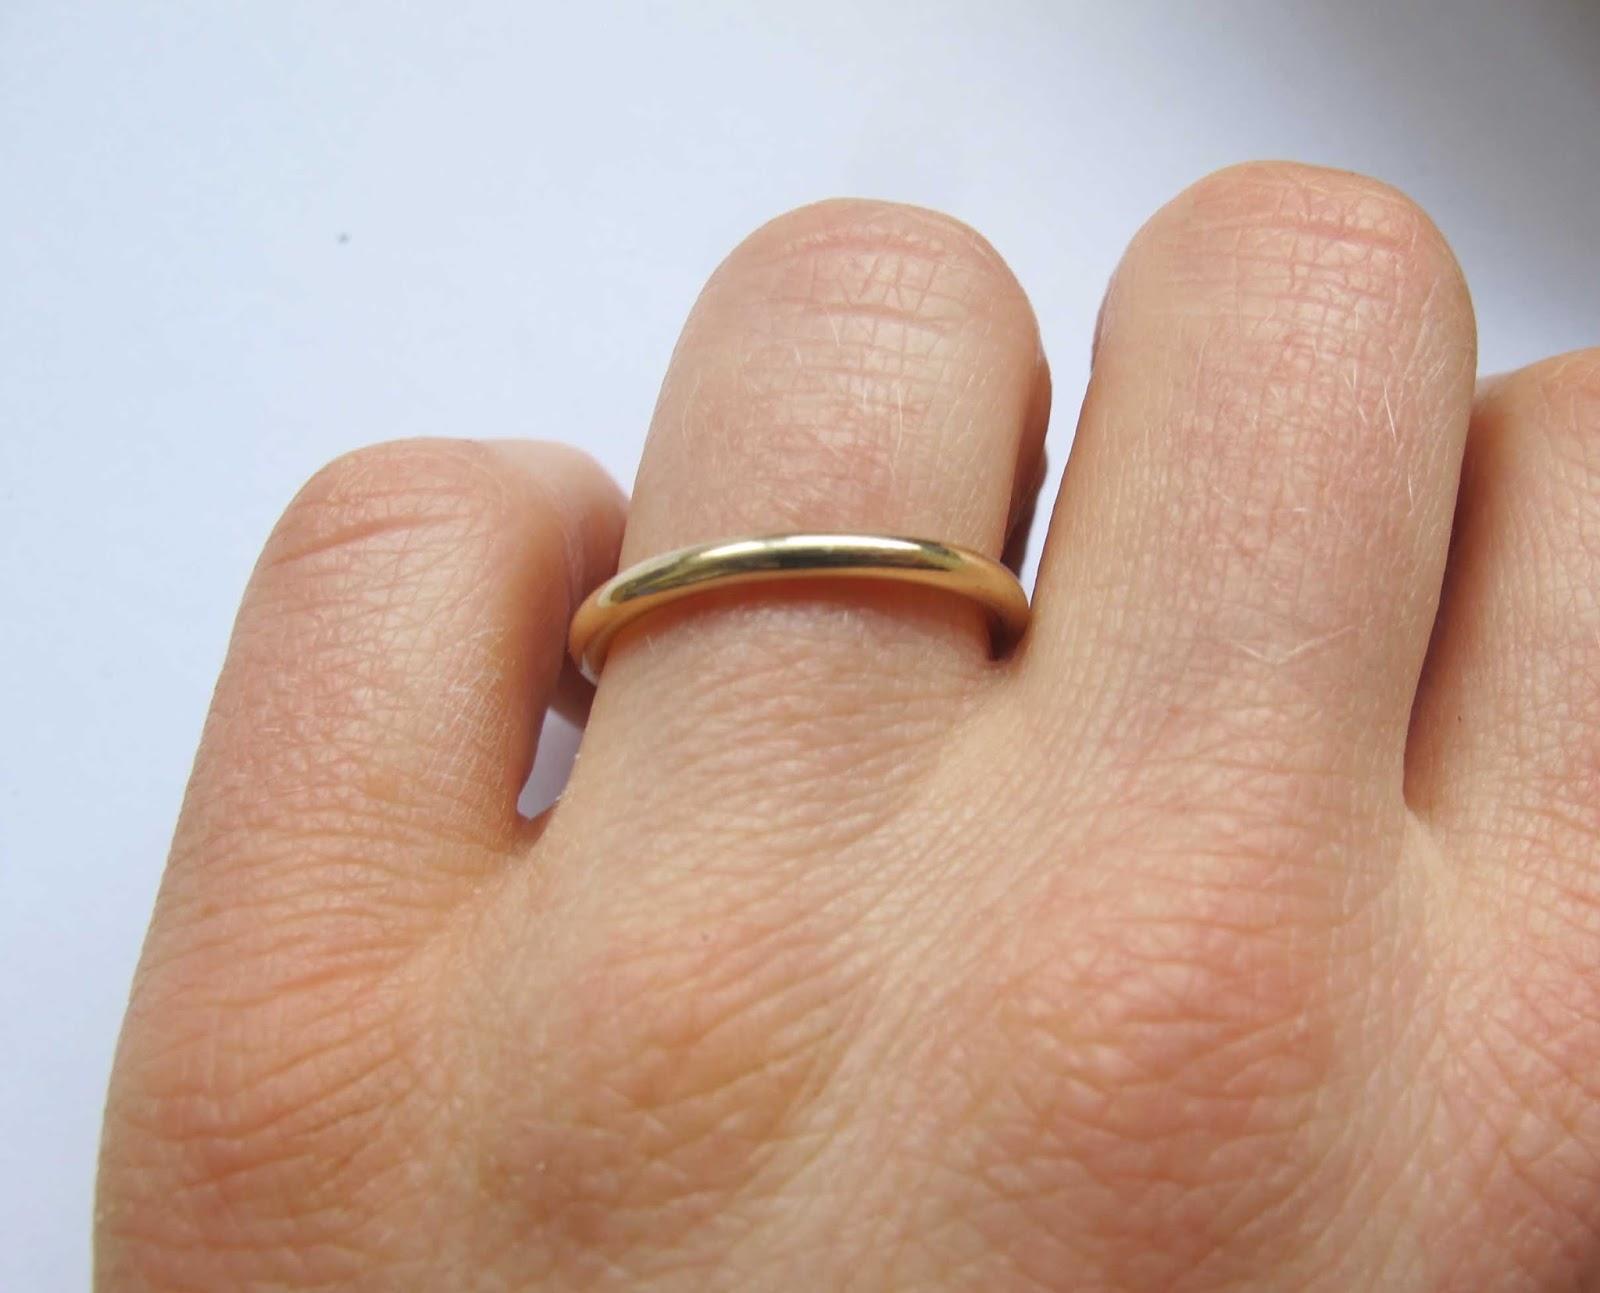 6ee45a6fddc6 Anillos de compromiso en Barcelona, anillos pedida de oro.